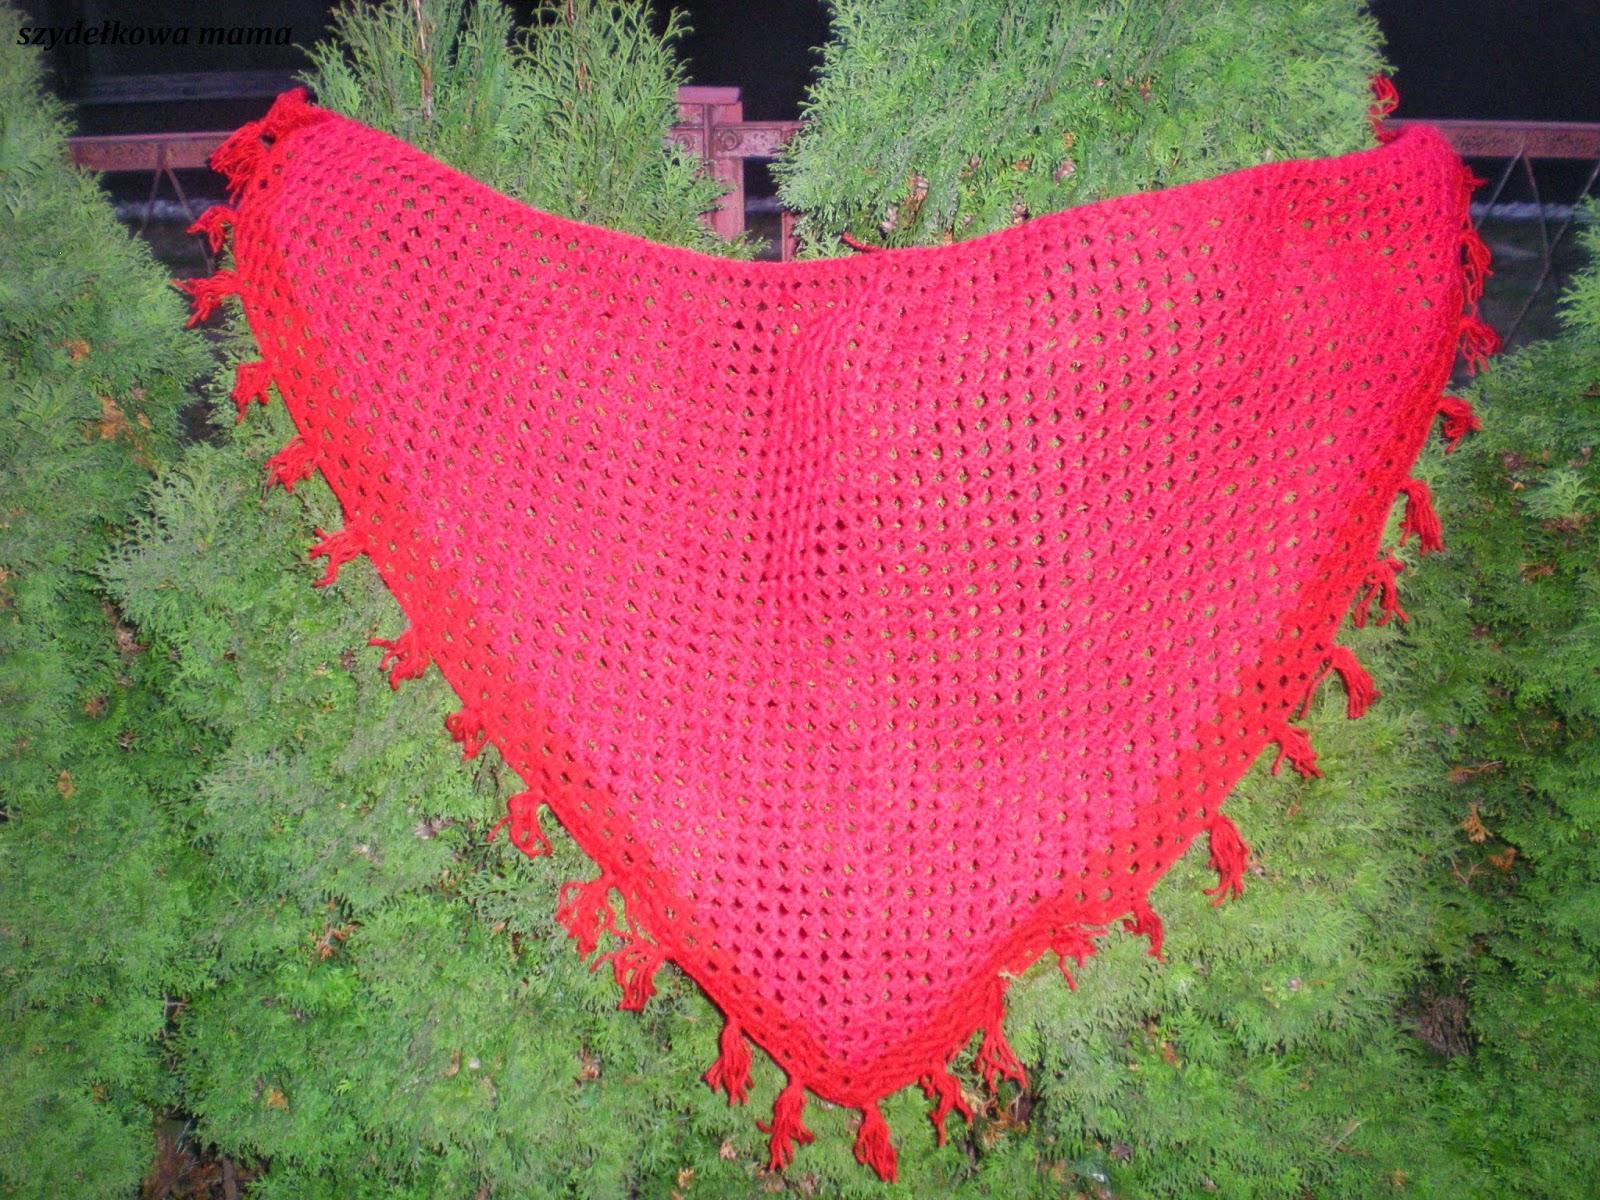 Mega spóźnione życzenia oraz czerwona chusta